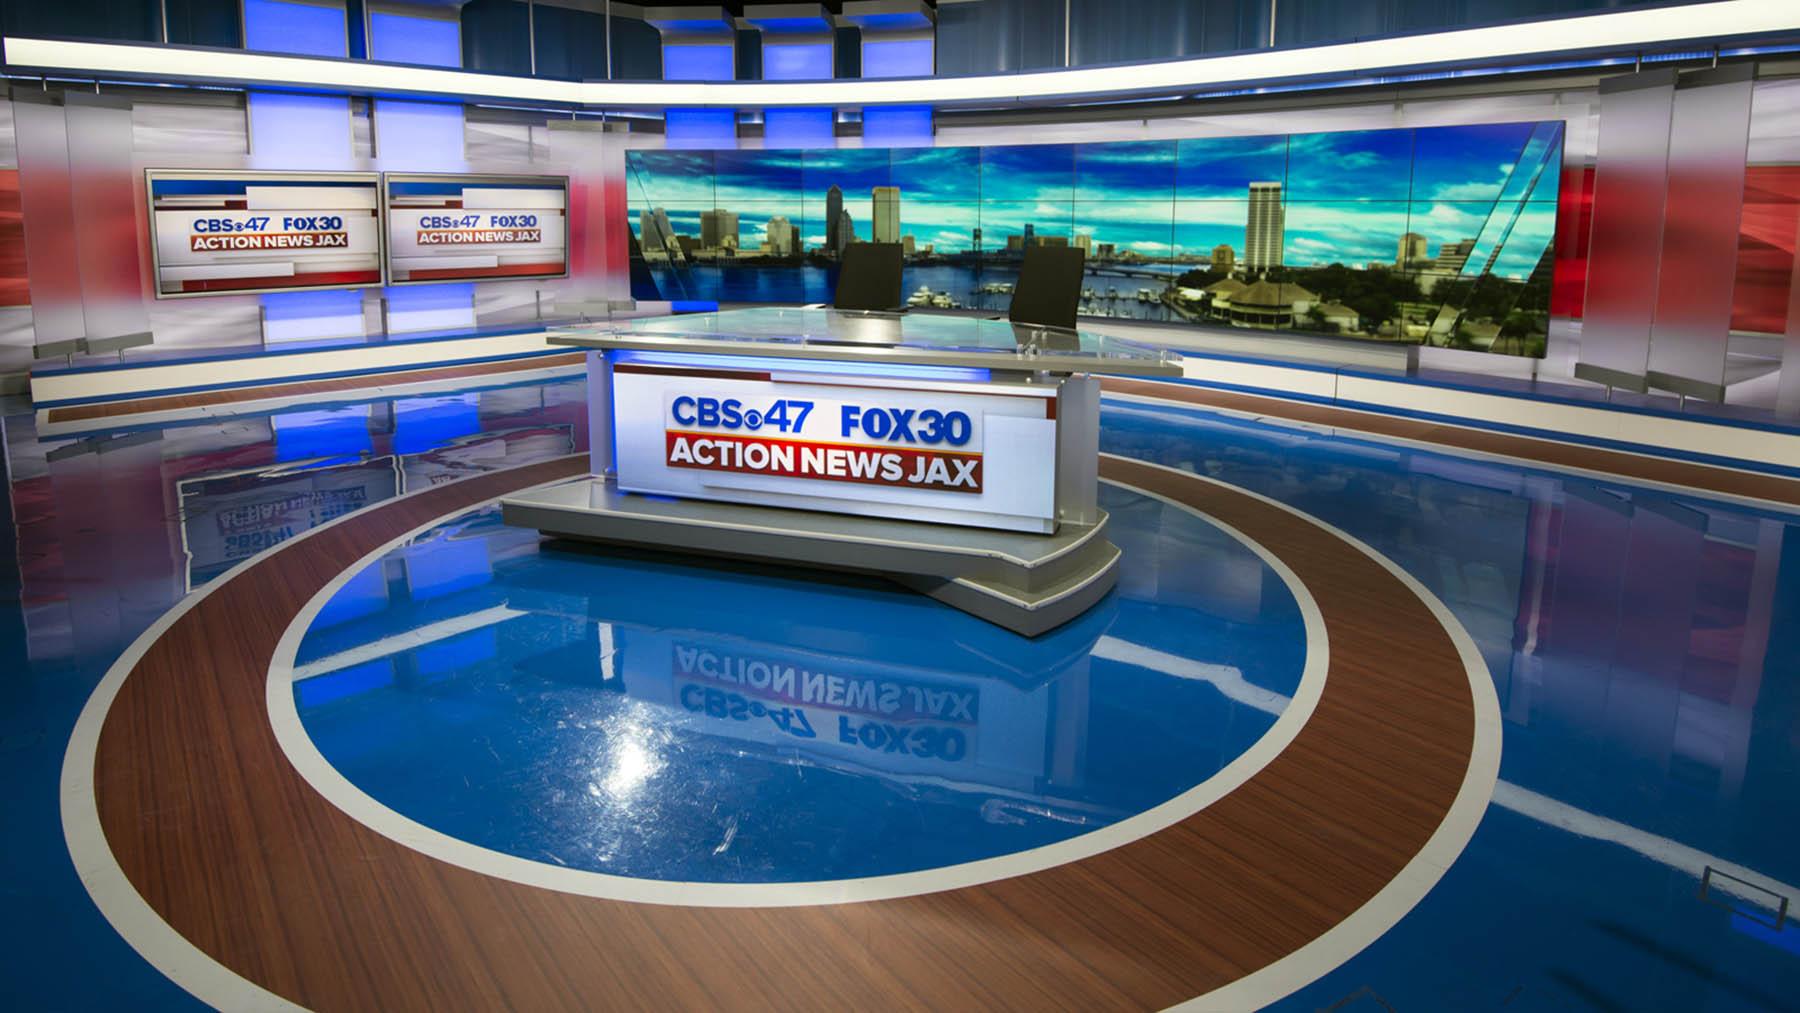 WJAX TV Live Studio